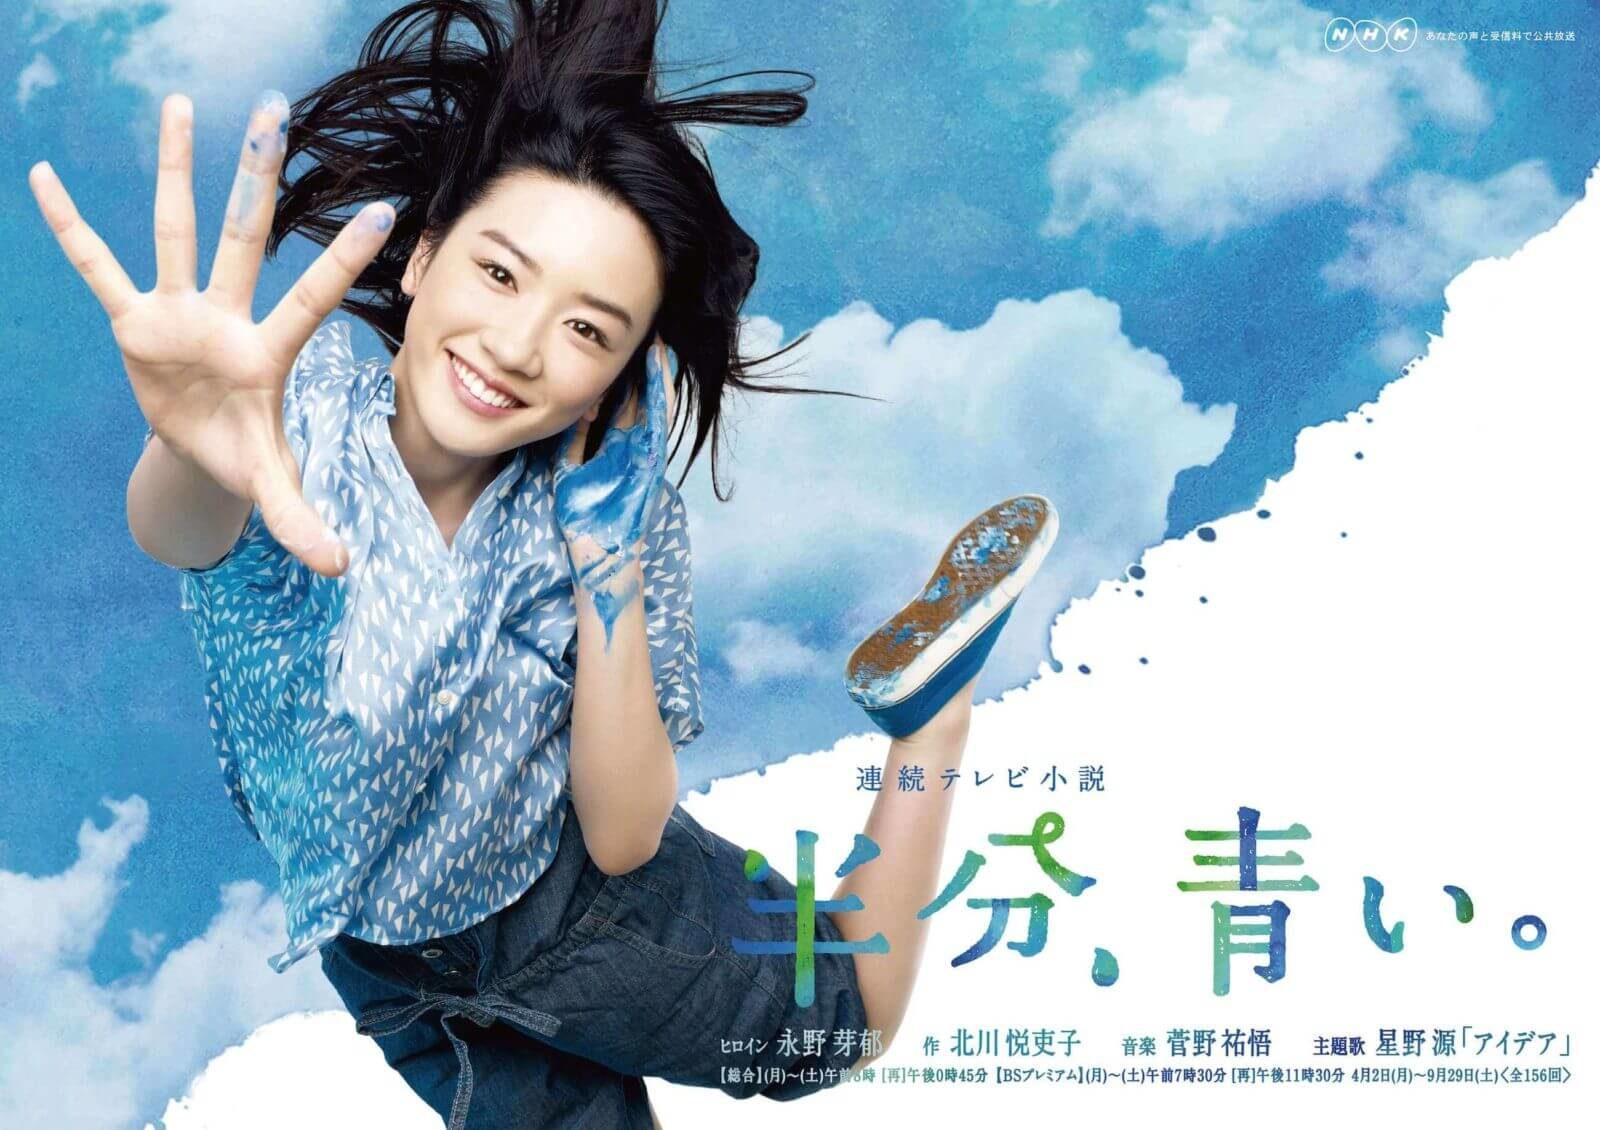 永野芽郁・志尊淳ら出演者がメッセージ!『半分、青い。』最終回に視聴者も「ありがとう」サムネイル画像